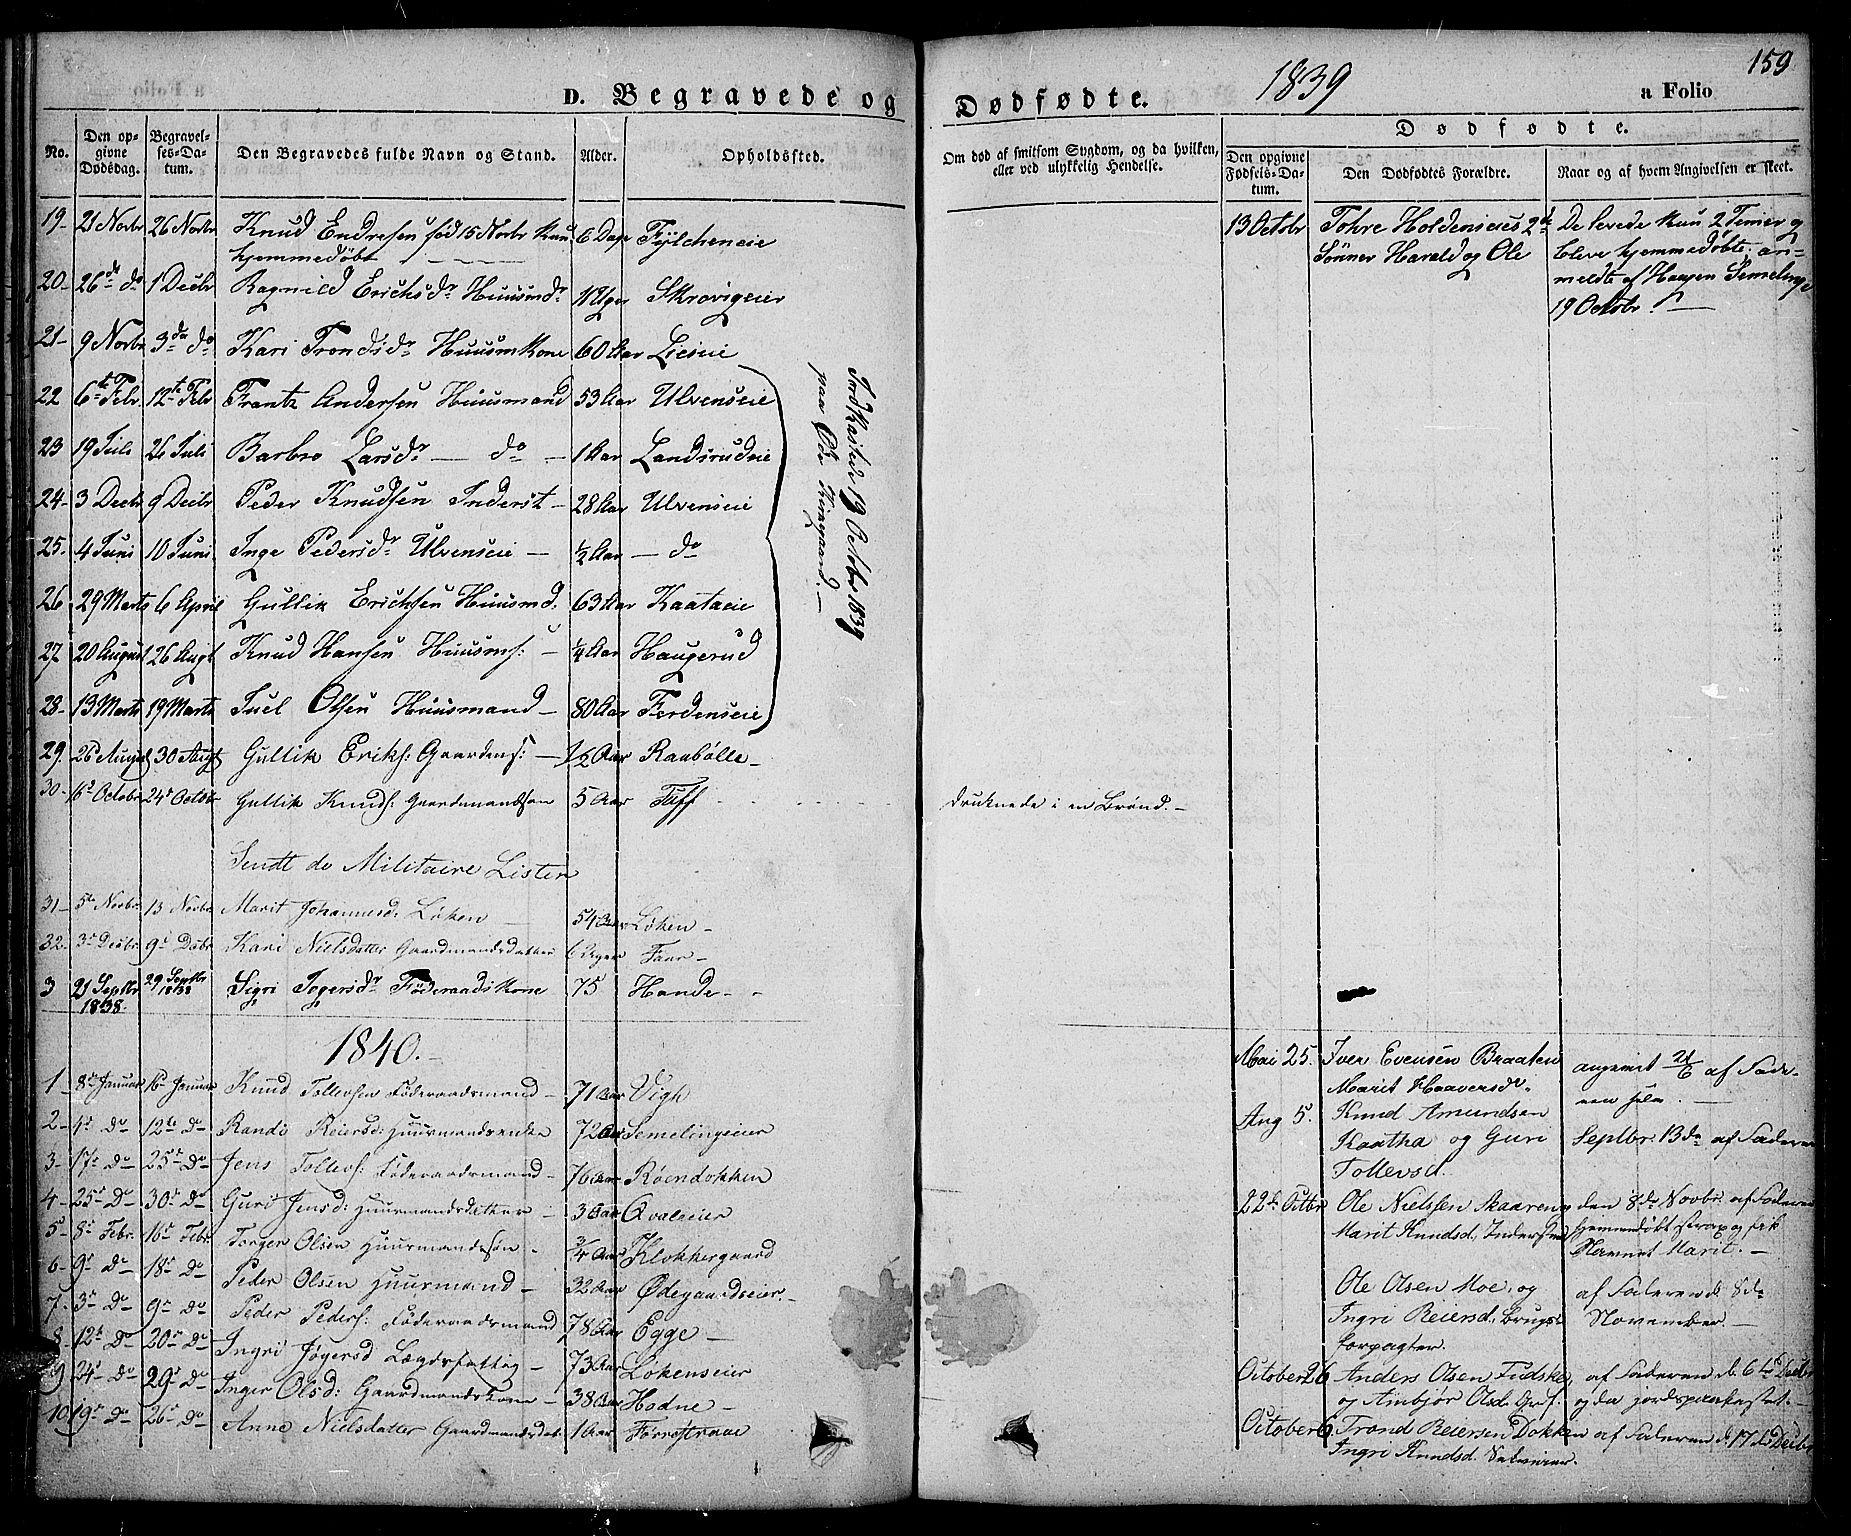 SAH, Slidre prestekontor, Ministerialbok nr. 3, 1831-1843, s. 159